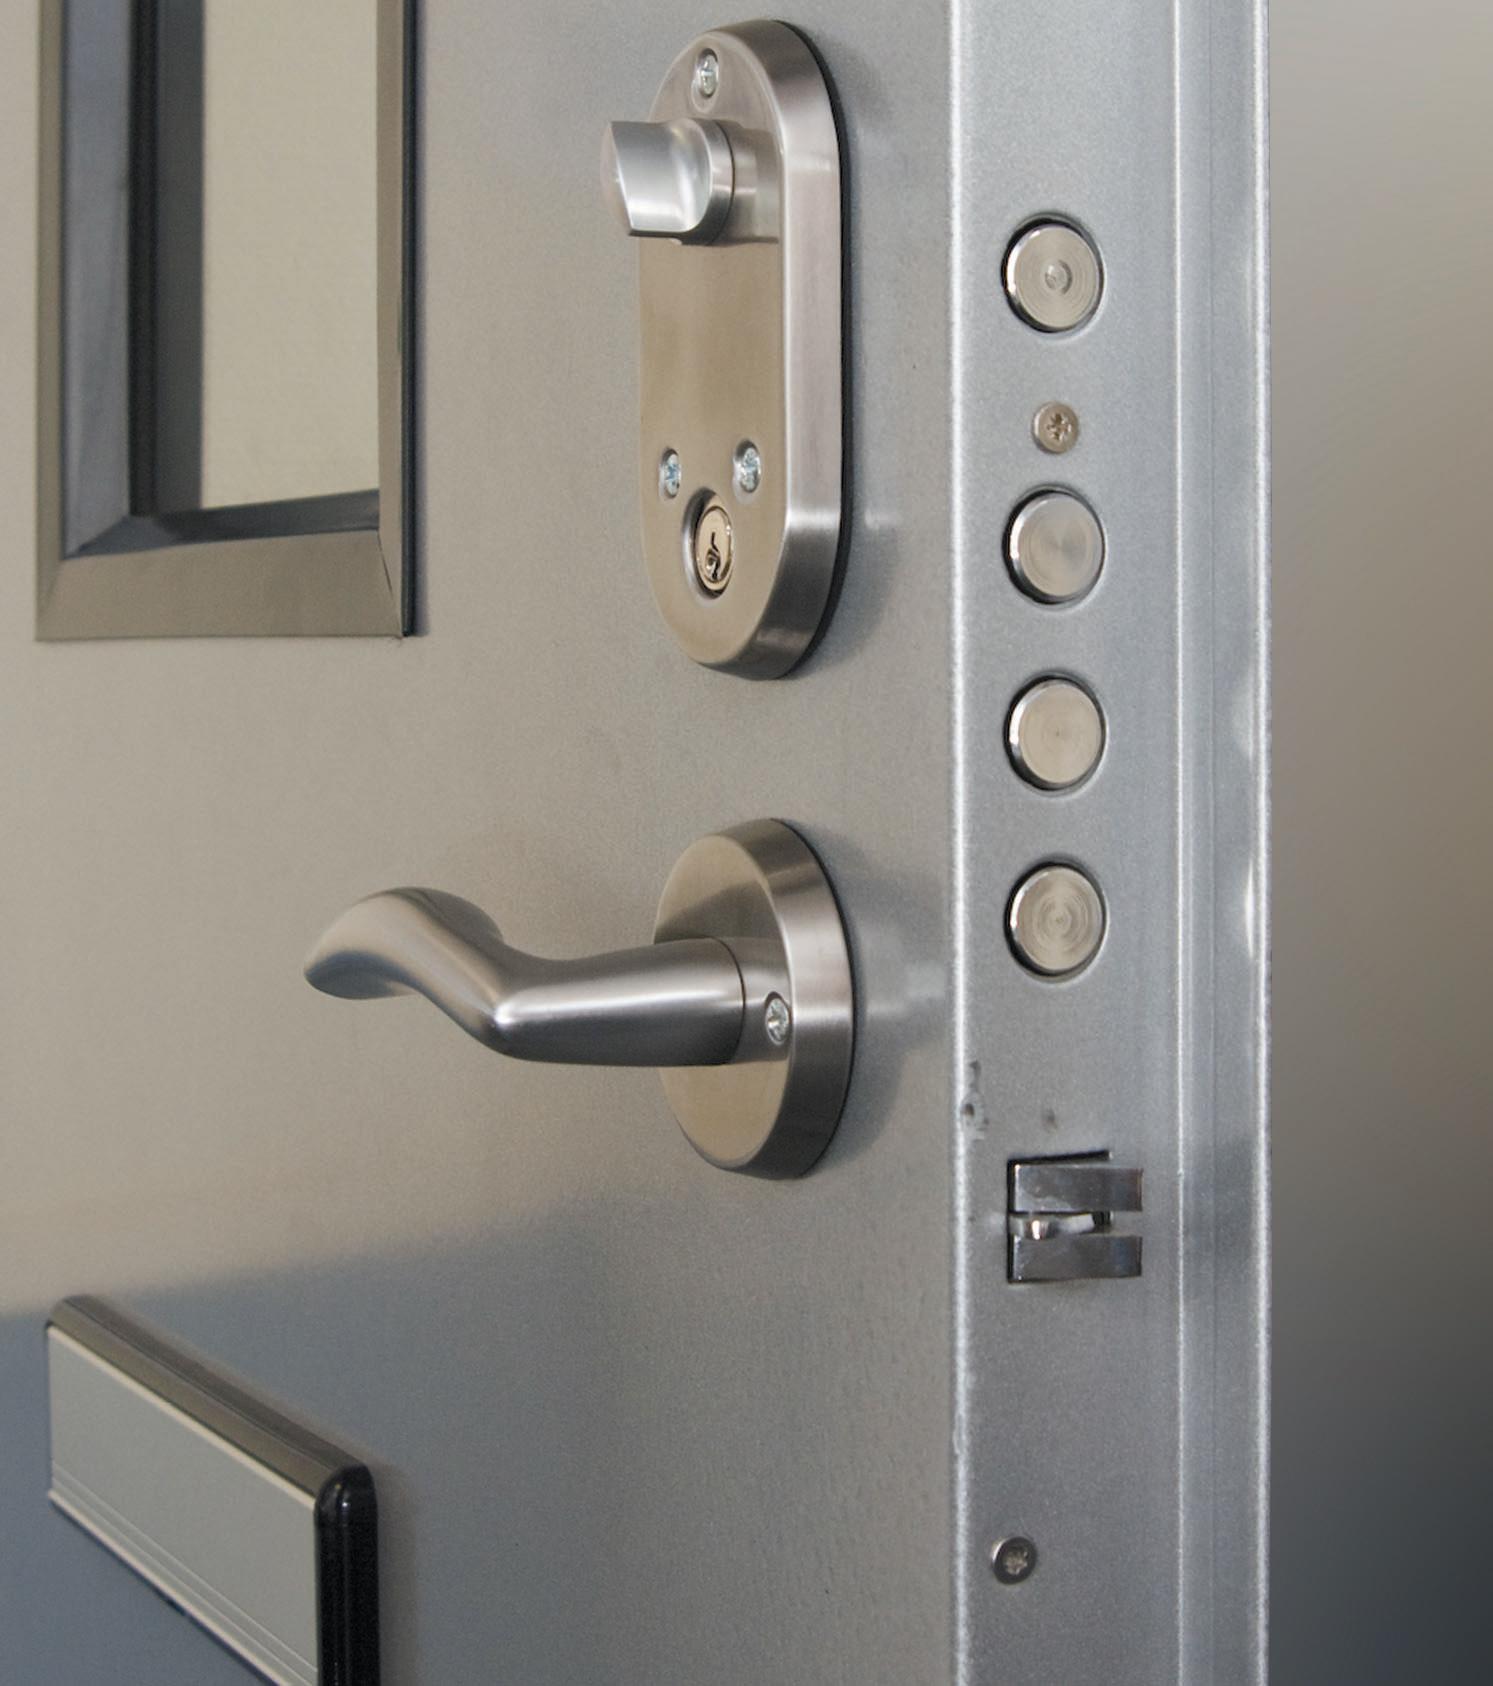 1686 #726B59 Security Doors: Security Doors Pr image Secure Exterior Doors 39331493